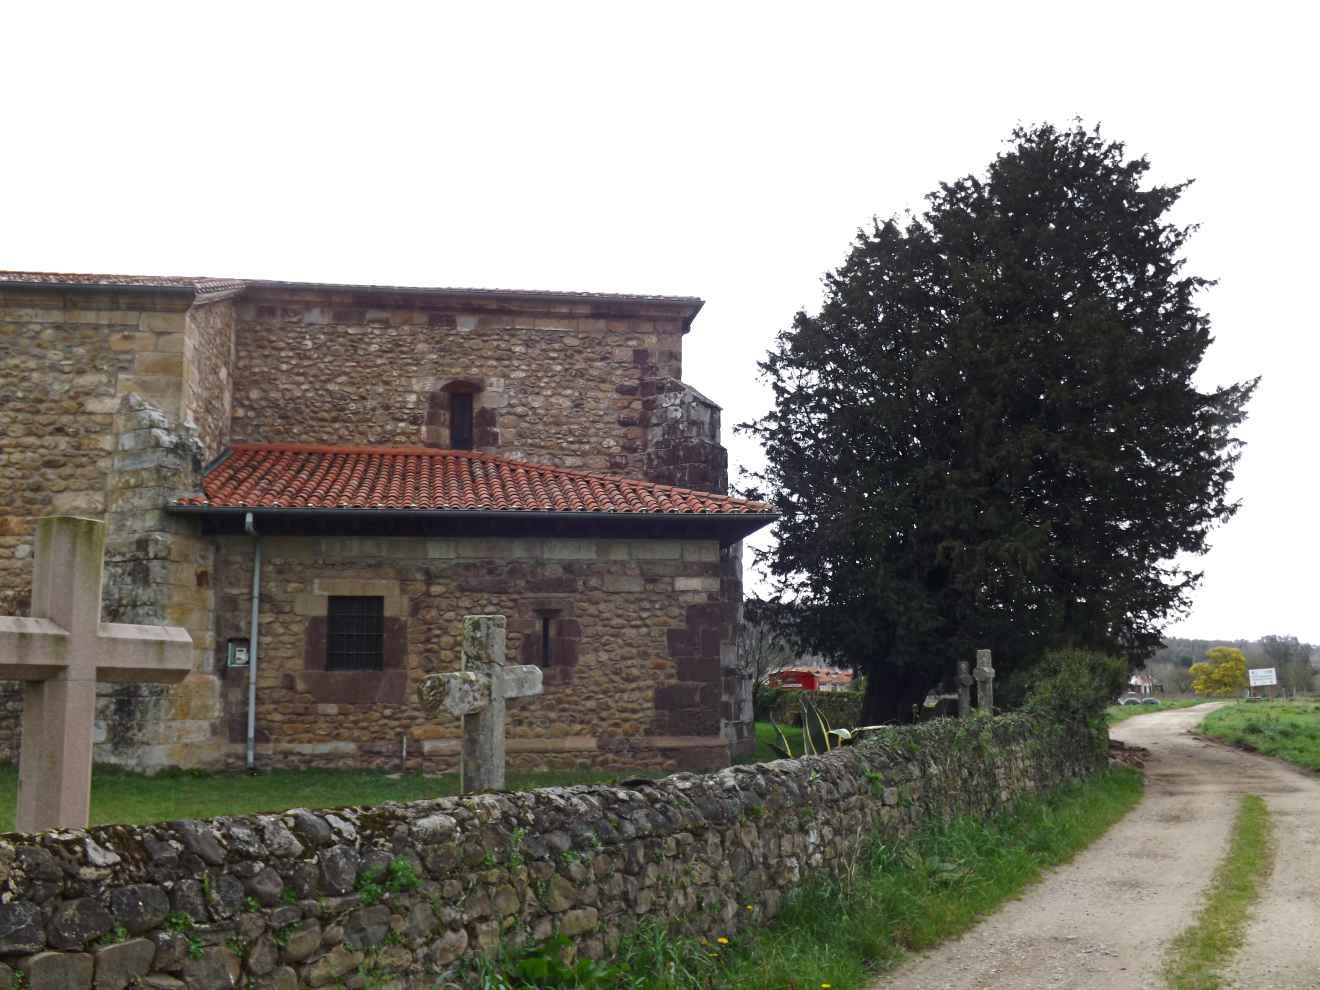 Tejo al lado de la iglesia de San Lorenzo de Periedo